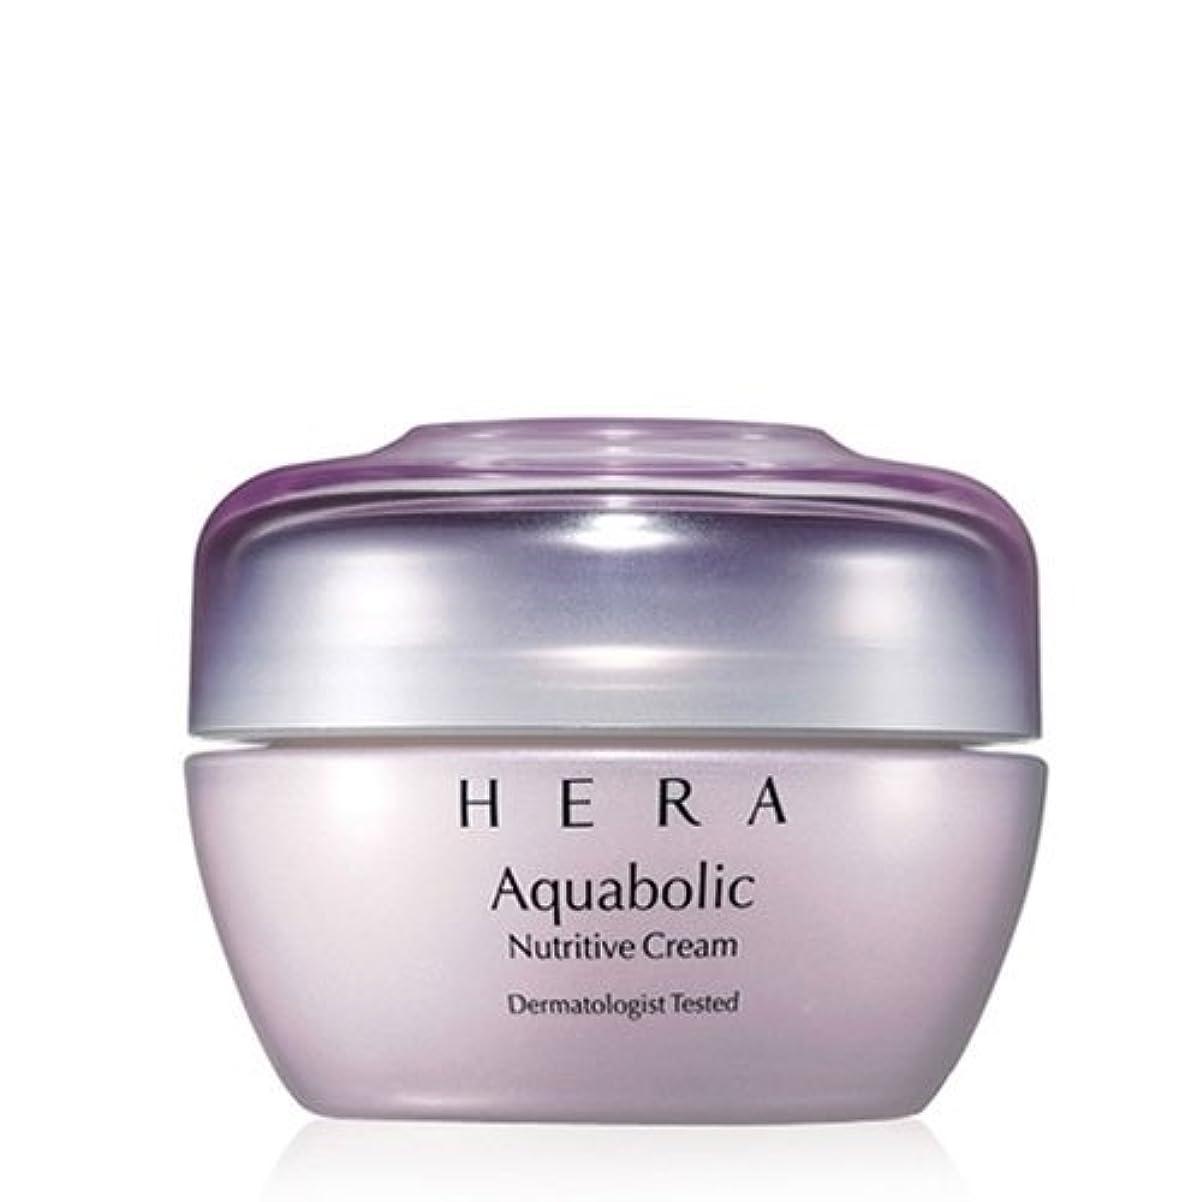 シャトル欠点脅かすヘラ アクアボリック ニュートリティブ クリーム【HERA Aquabolic Nutritive Cream】50ml